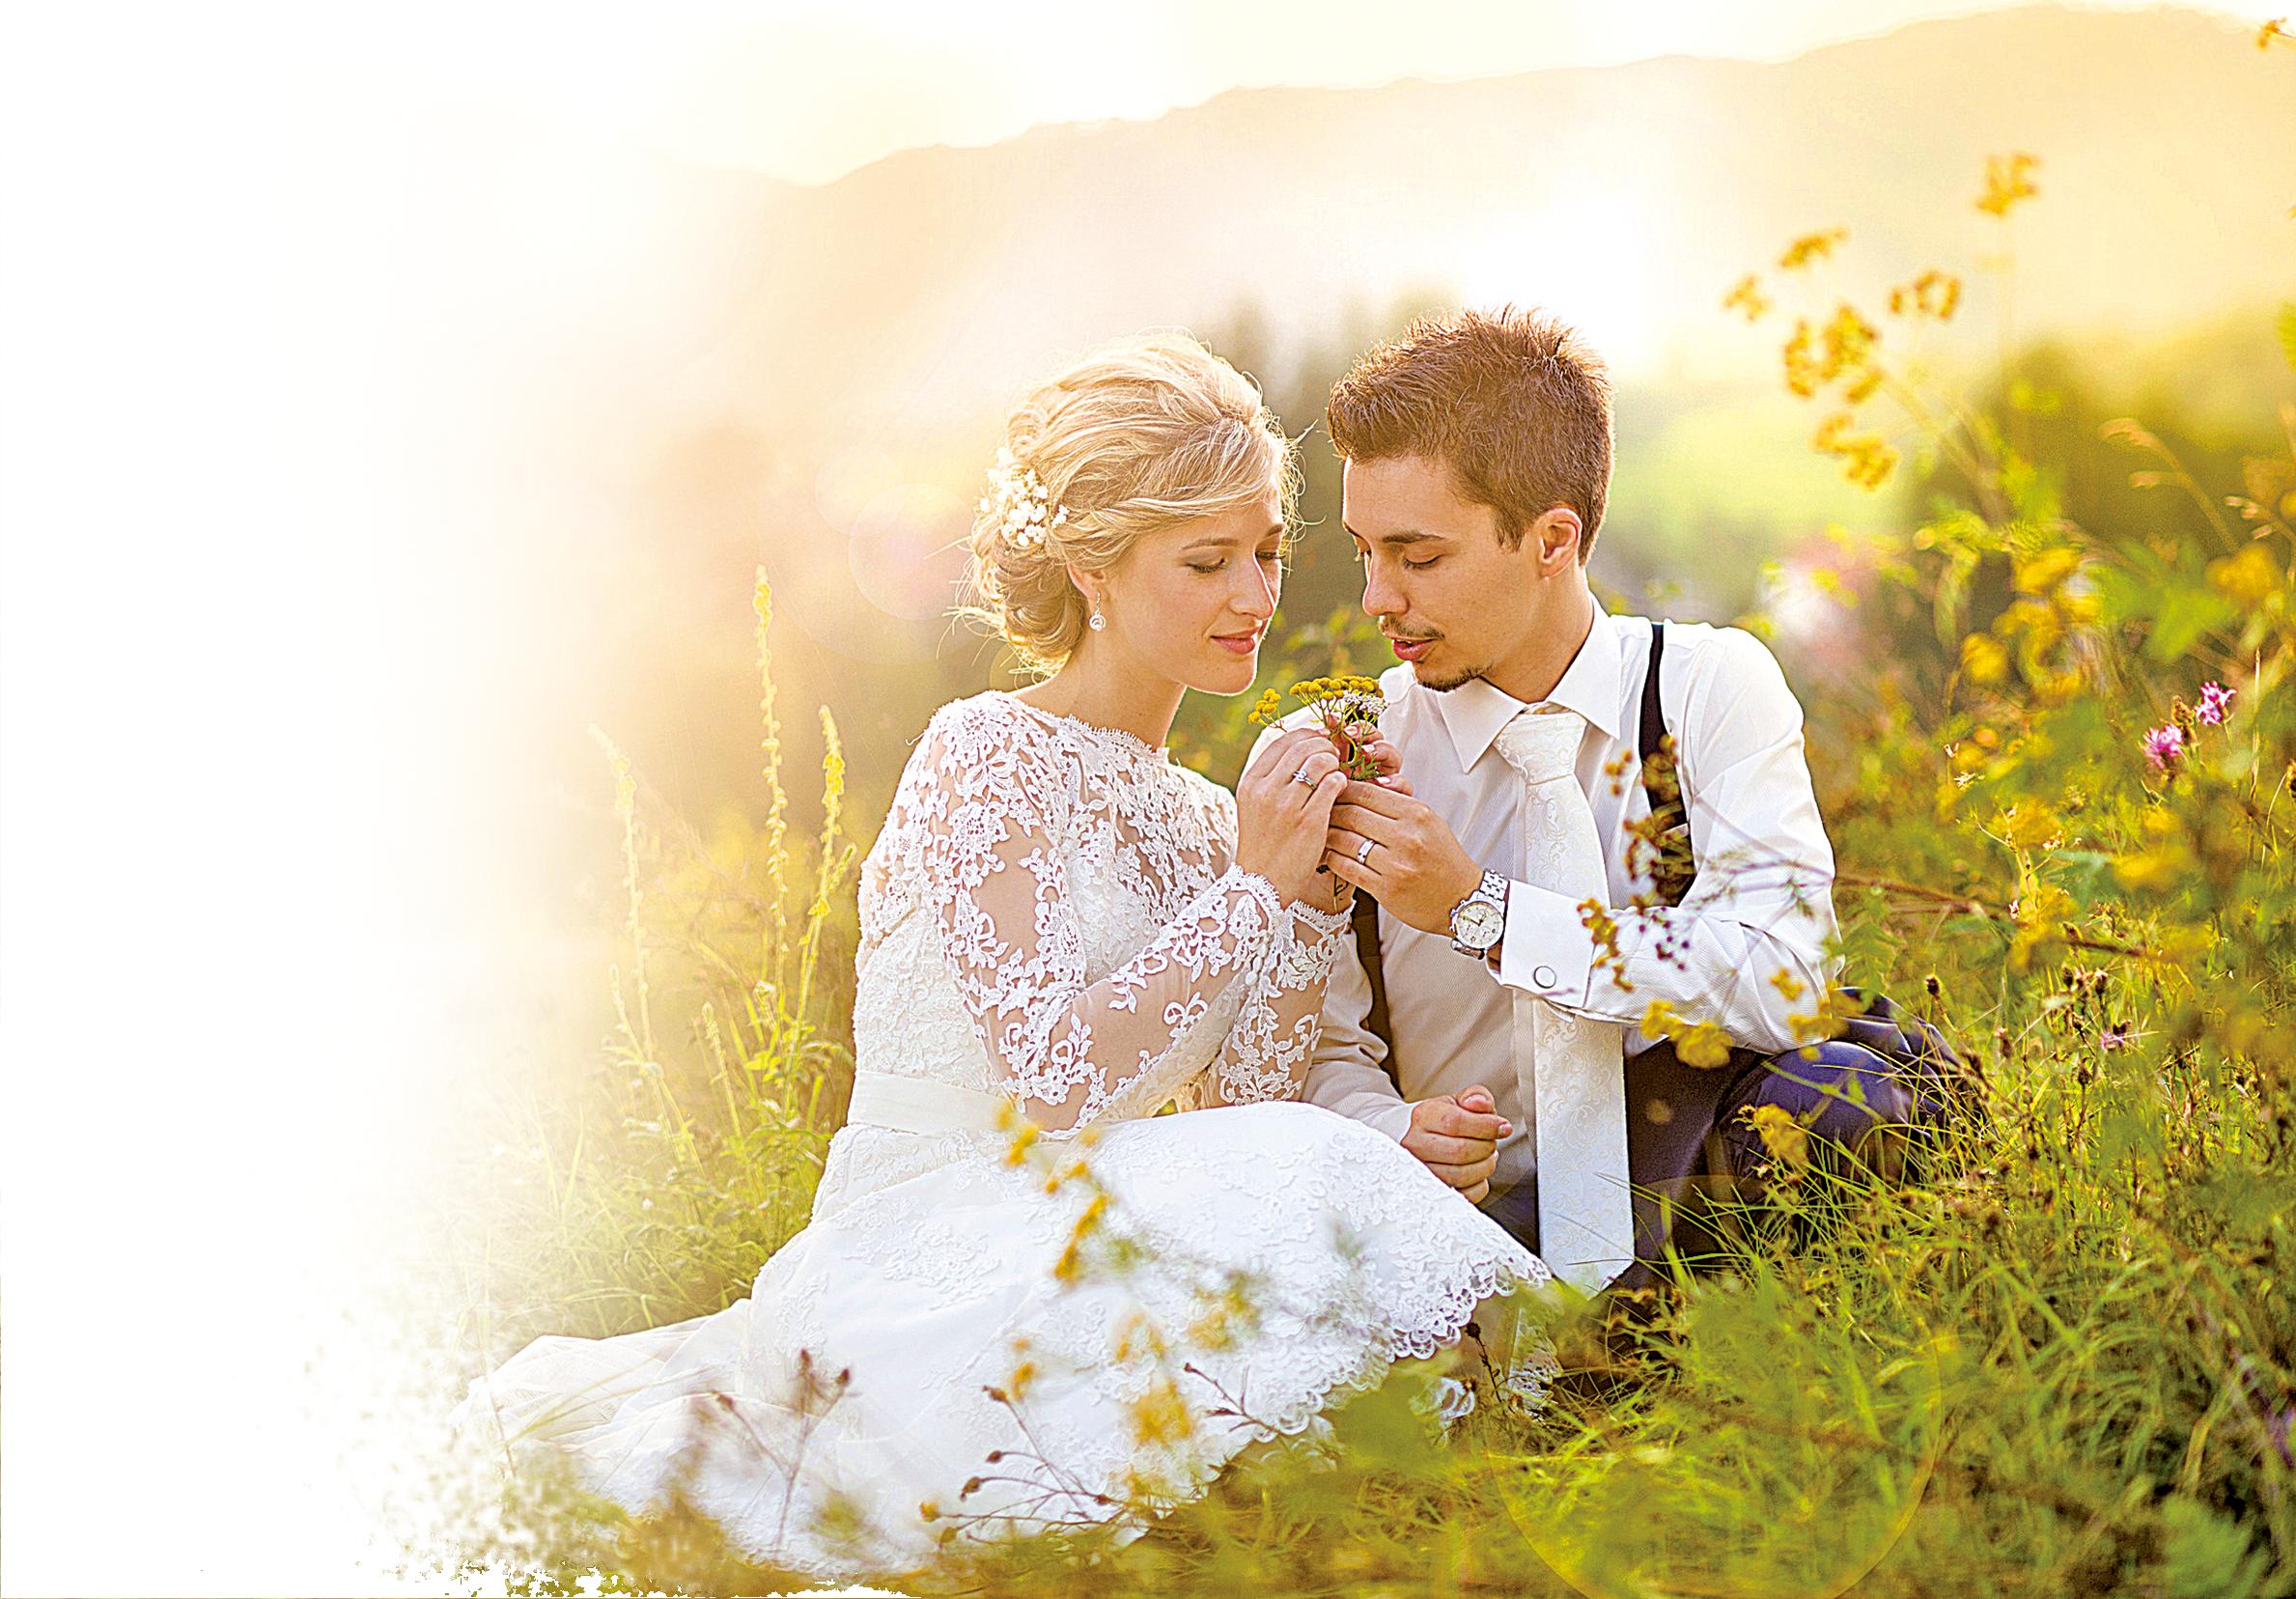 婚姻幸福美滿的秘訣? 常說「謝謝」